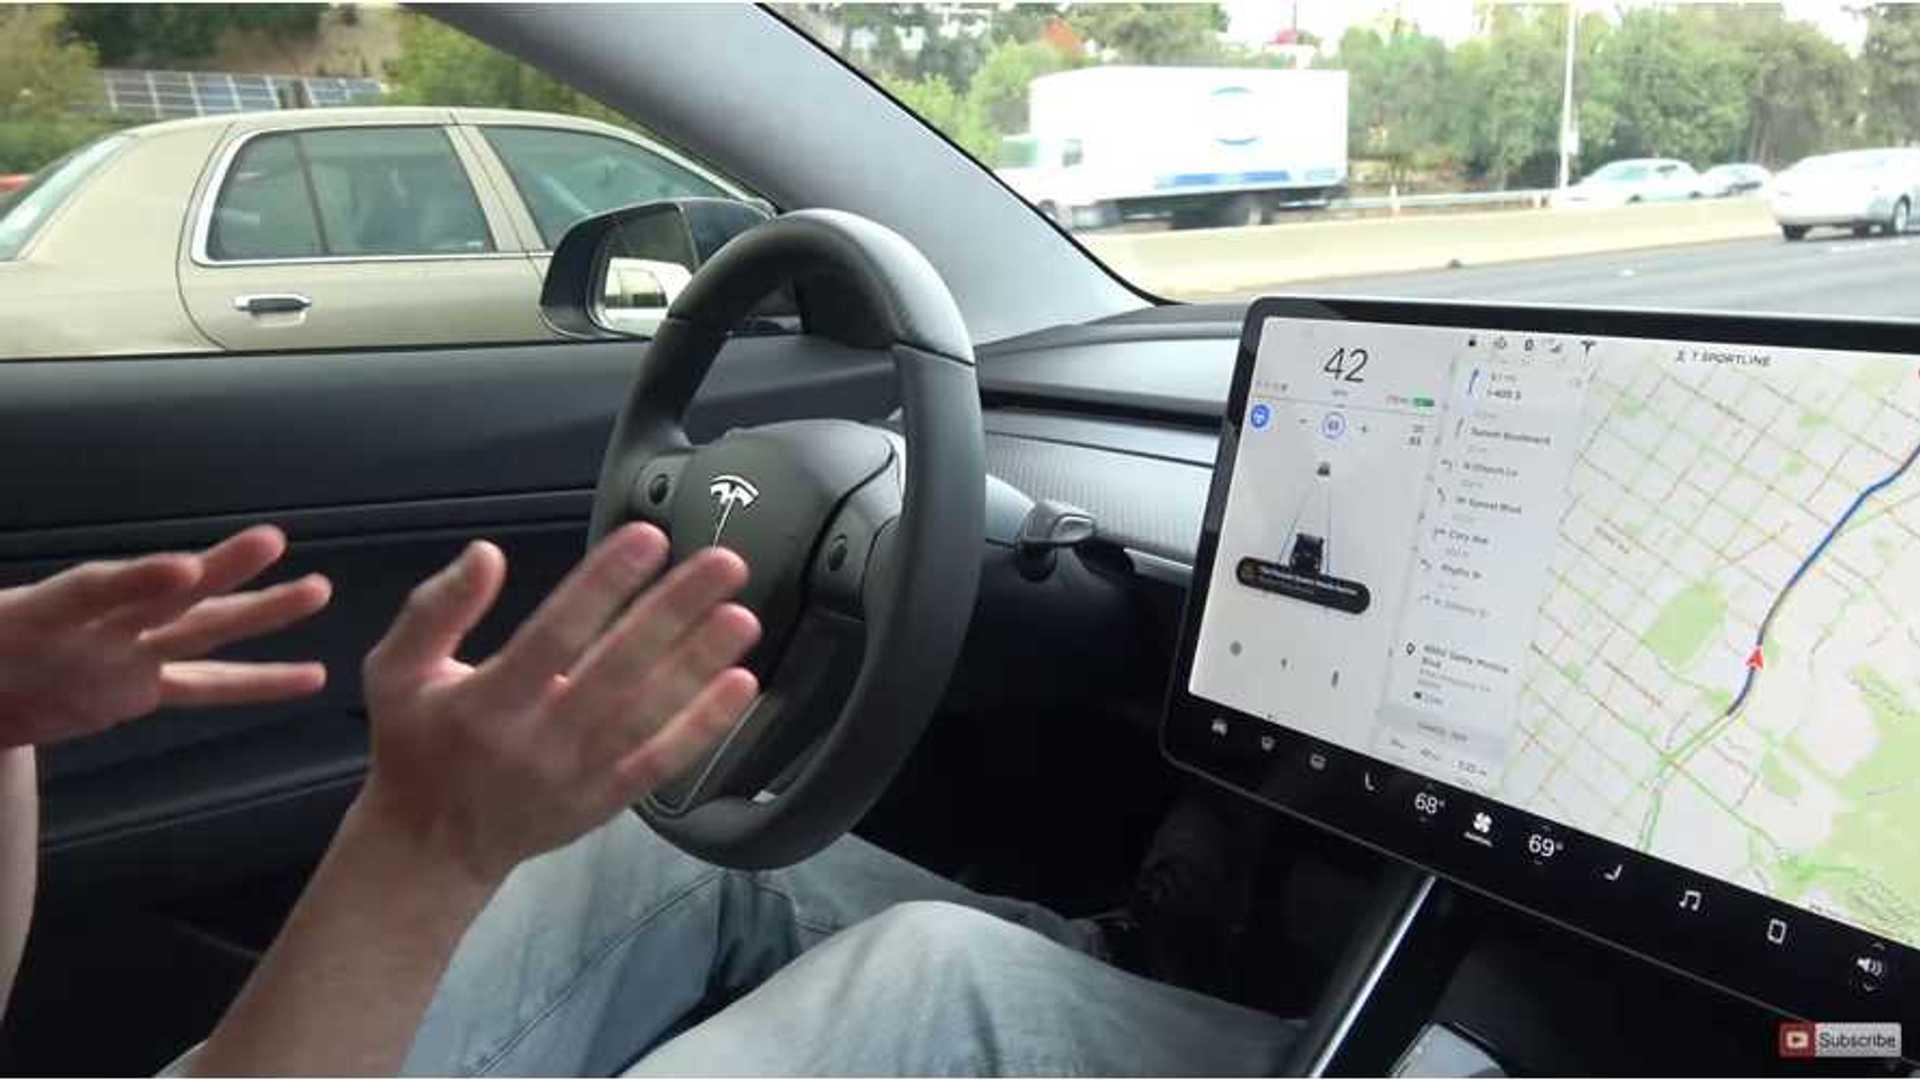 Drunk Driver On Tesla Autopilot Gets License Suspended